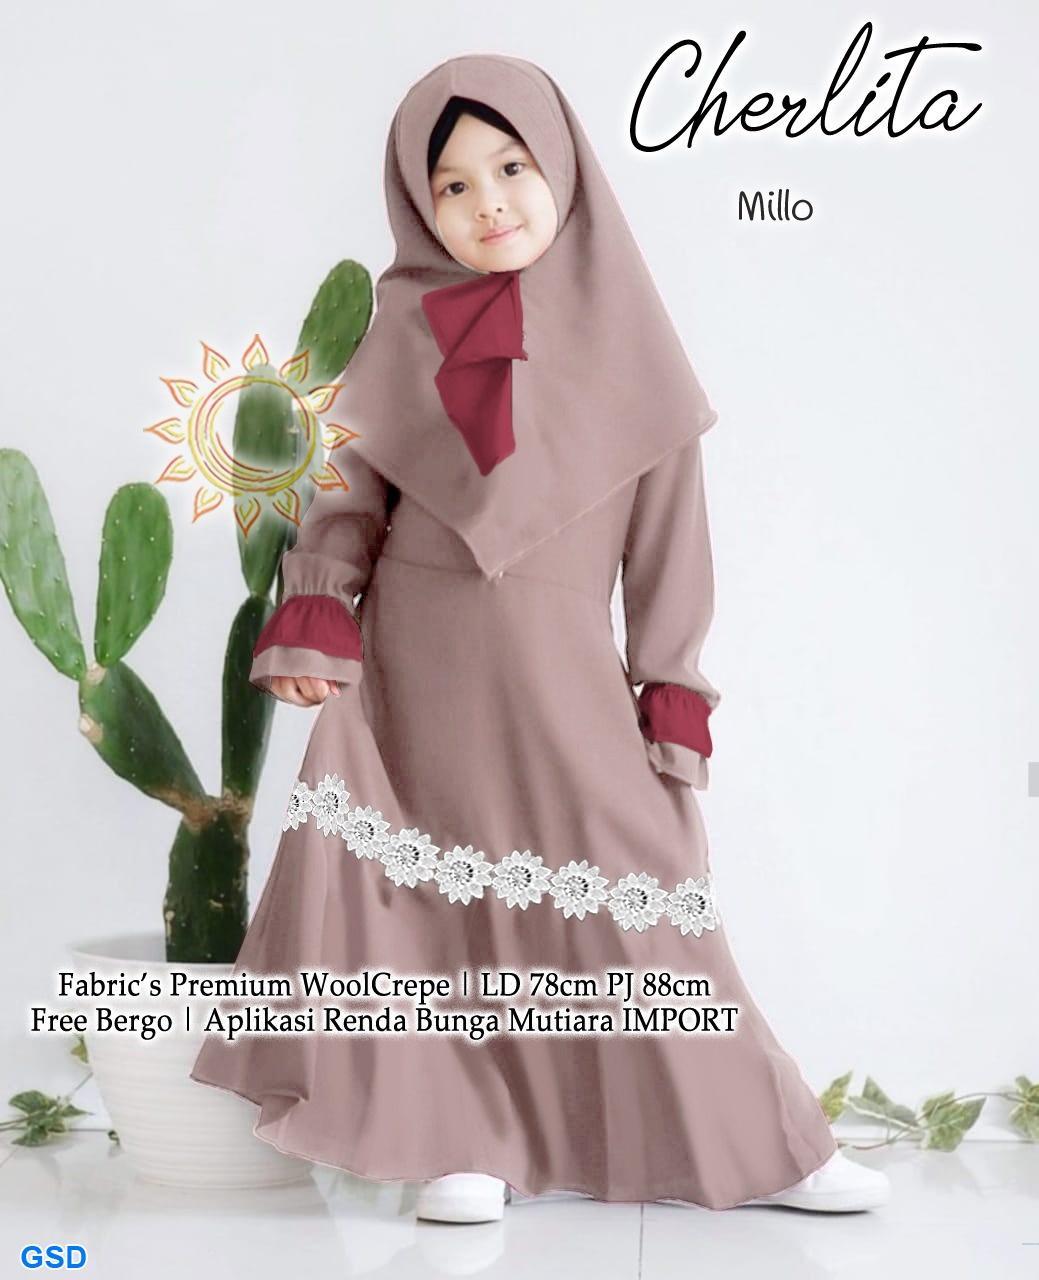 KP-Gamis anak umur 12-12 tahun / Maxi muslim anak / baju mengaji anak  perempuan / Gamis woolcrepe murah / Gamis Cherlita / syari Genice